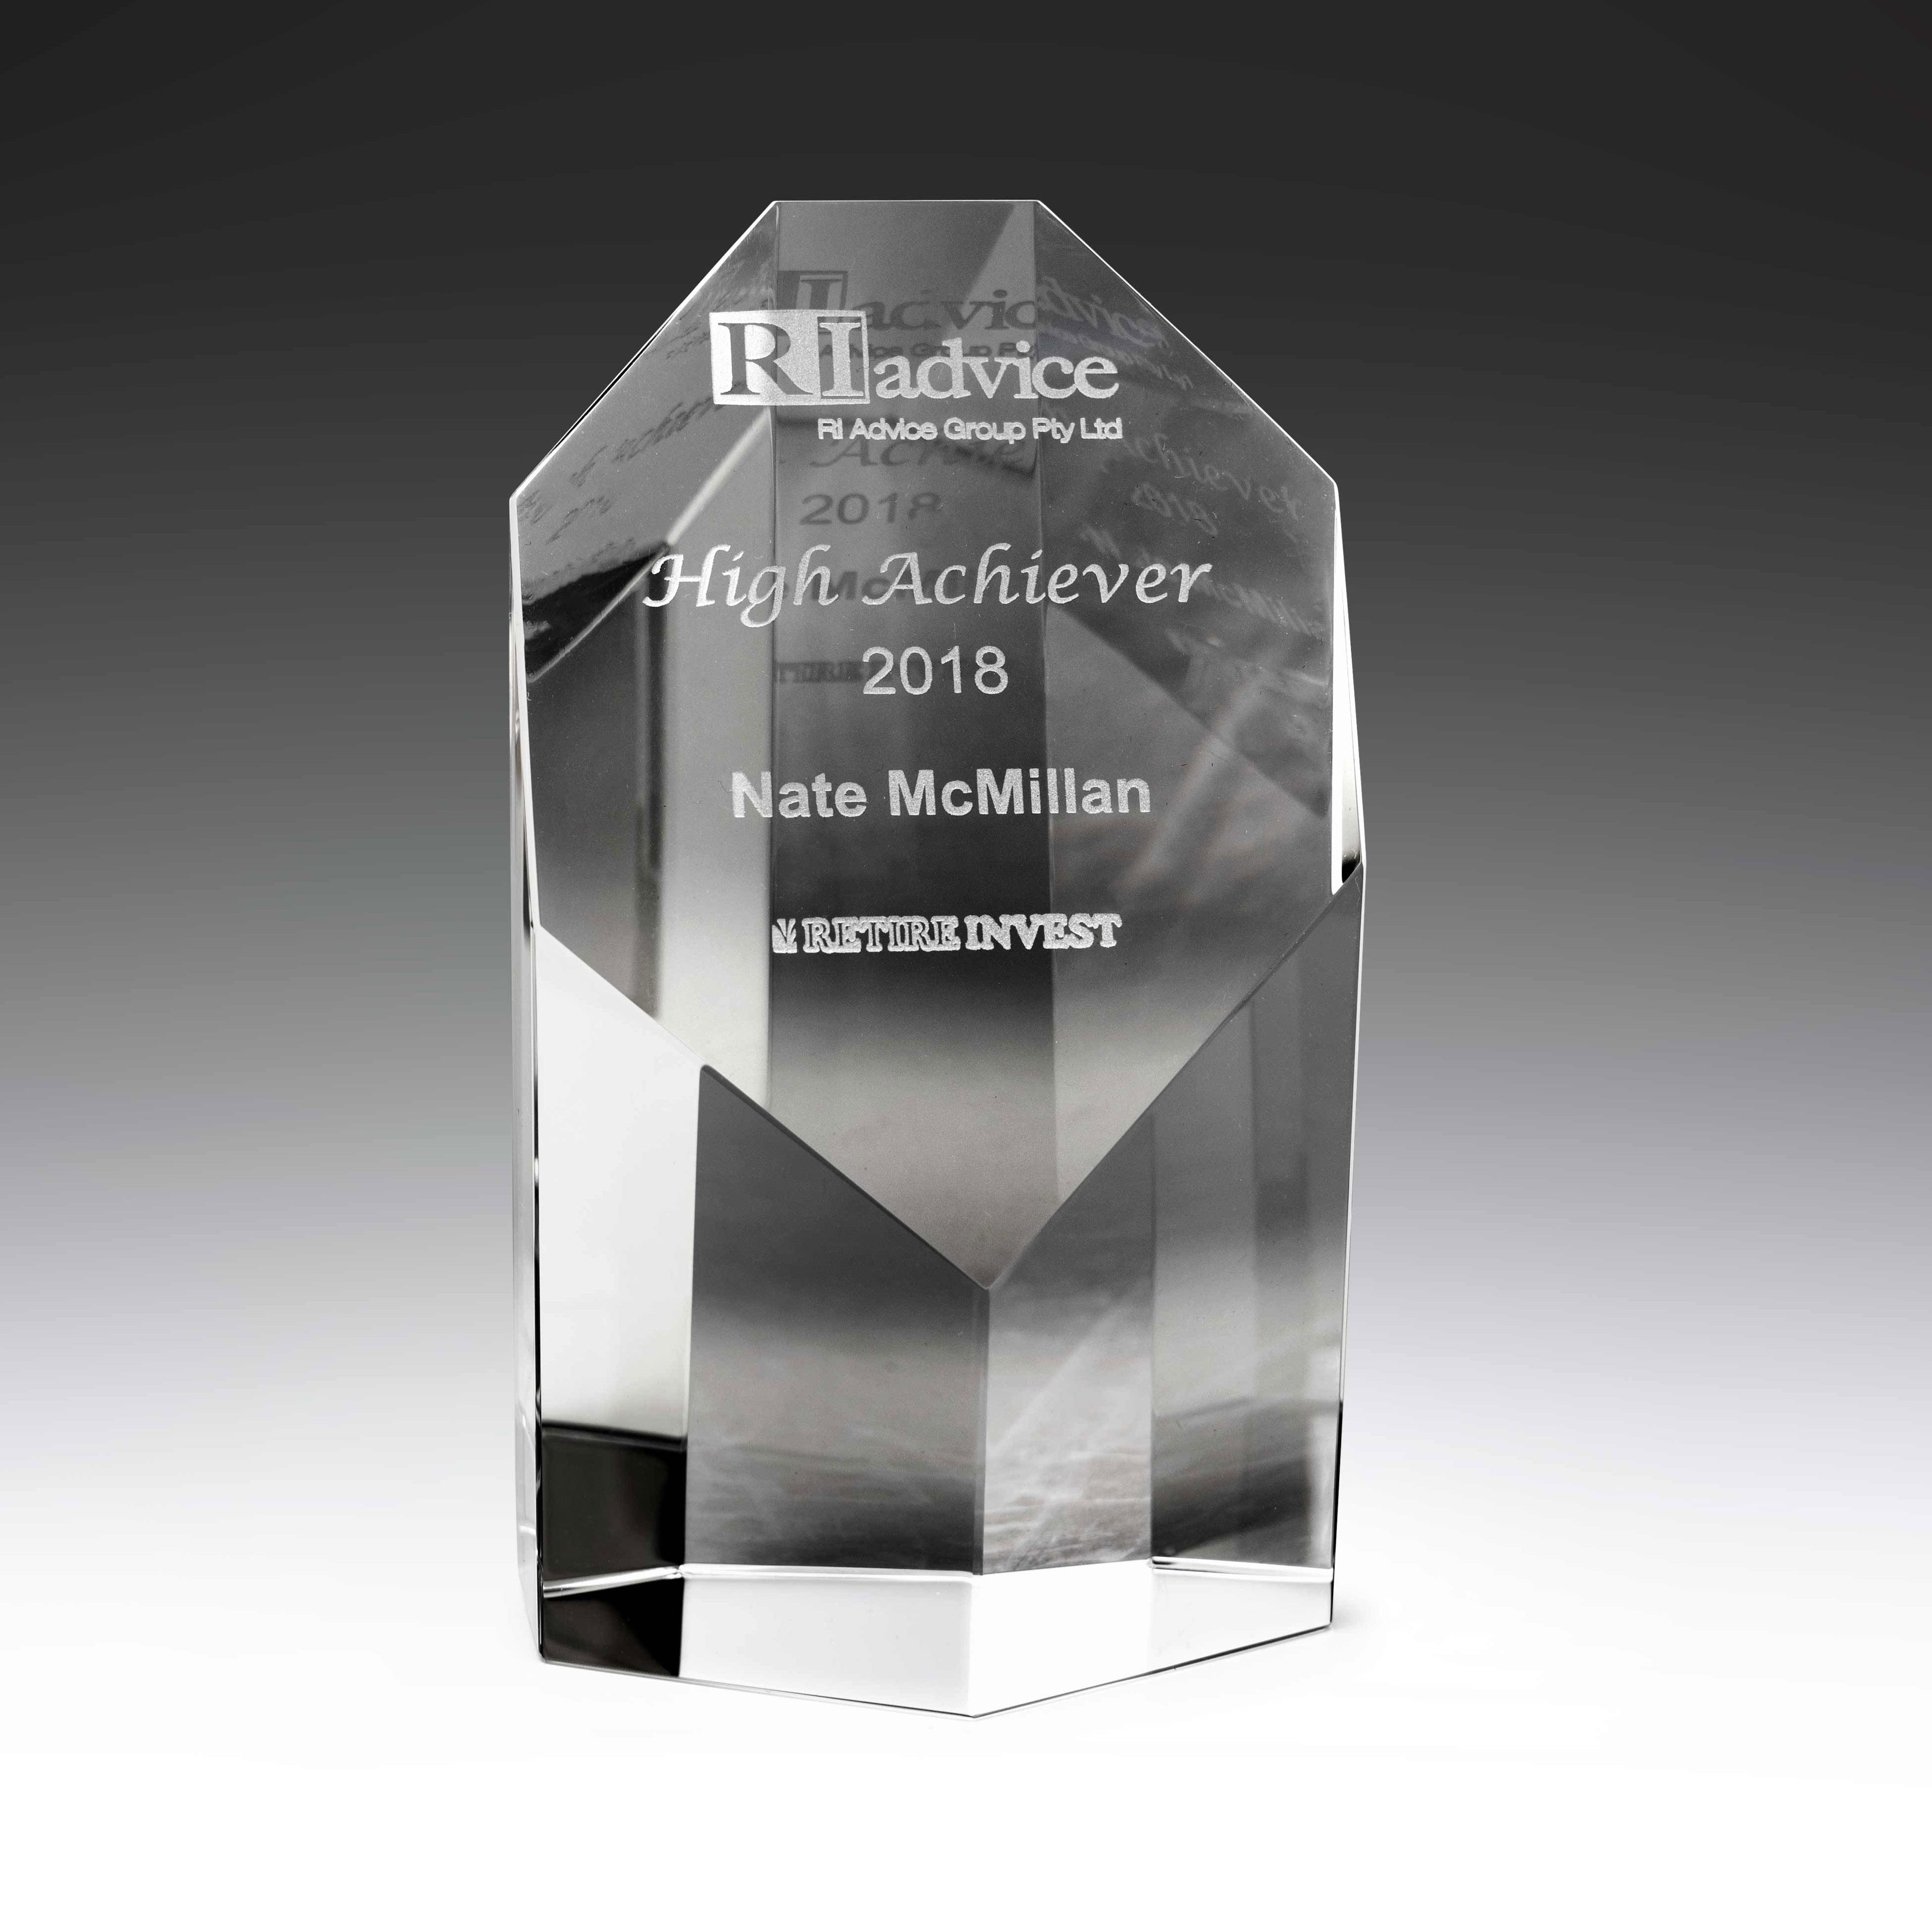 Crystal Heptagon Award